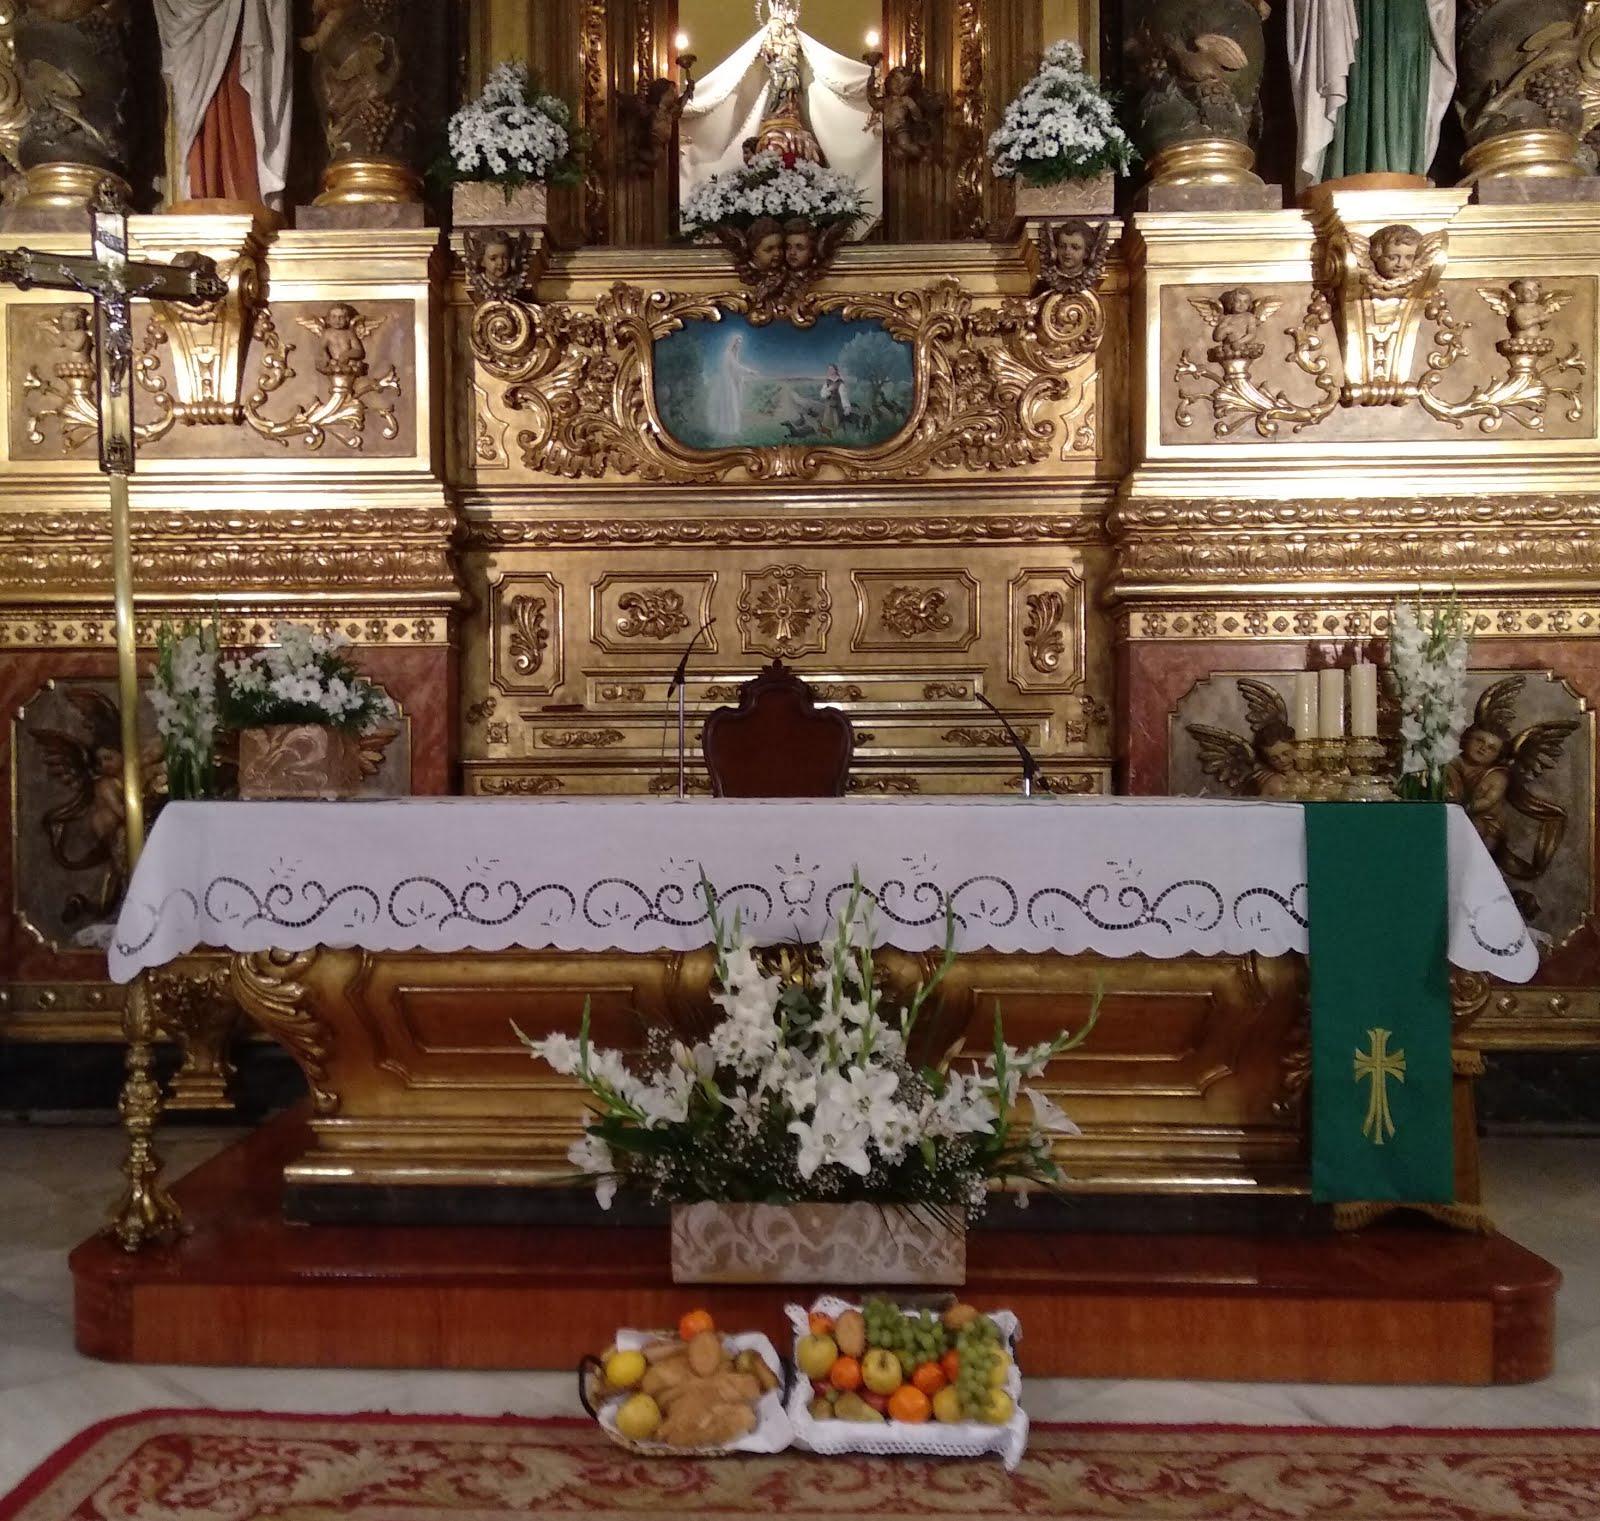 Benedicció dels aliments al Santuari de Misericòrdia de Reus